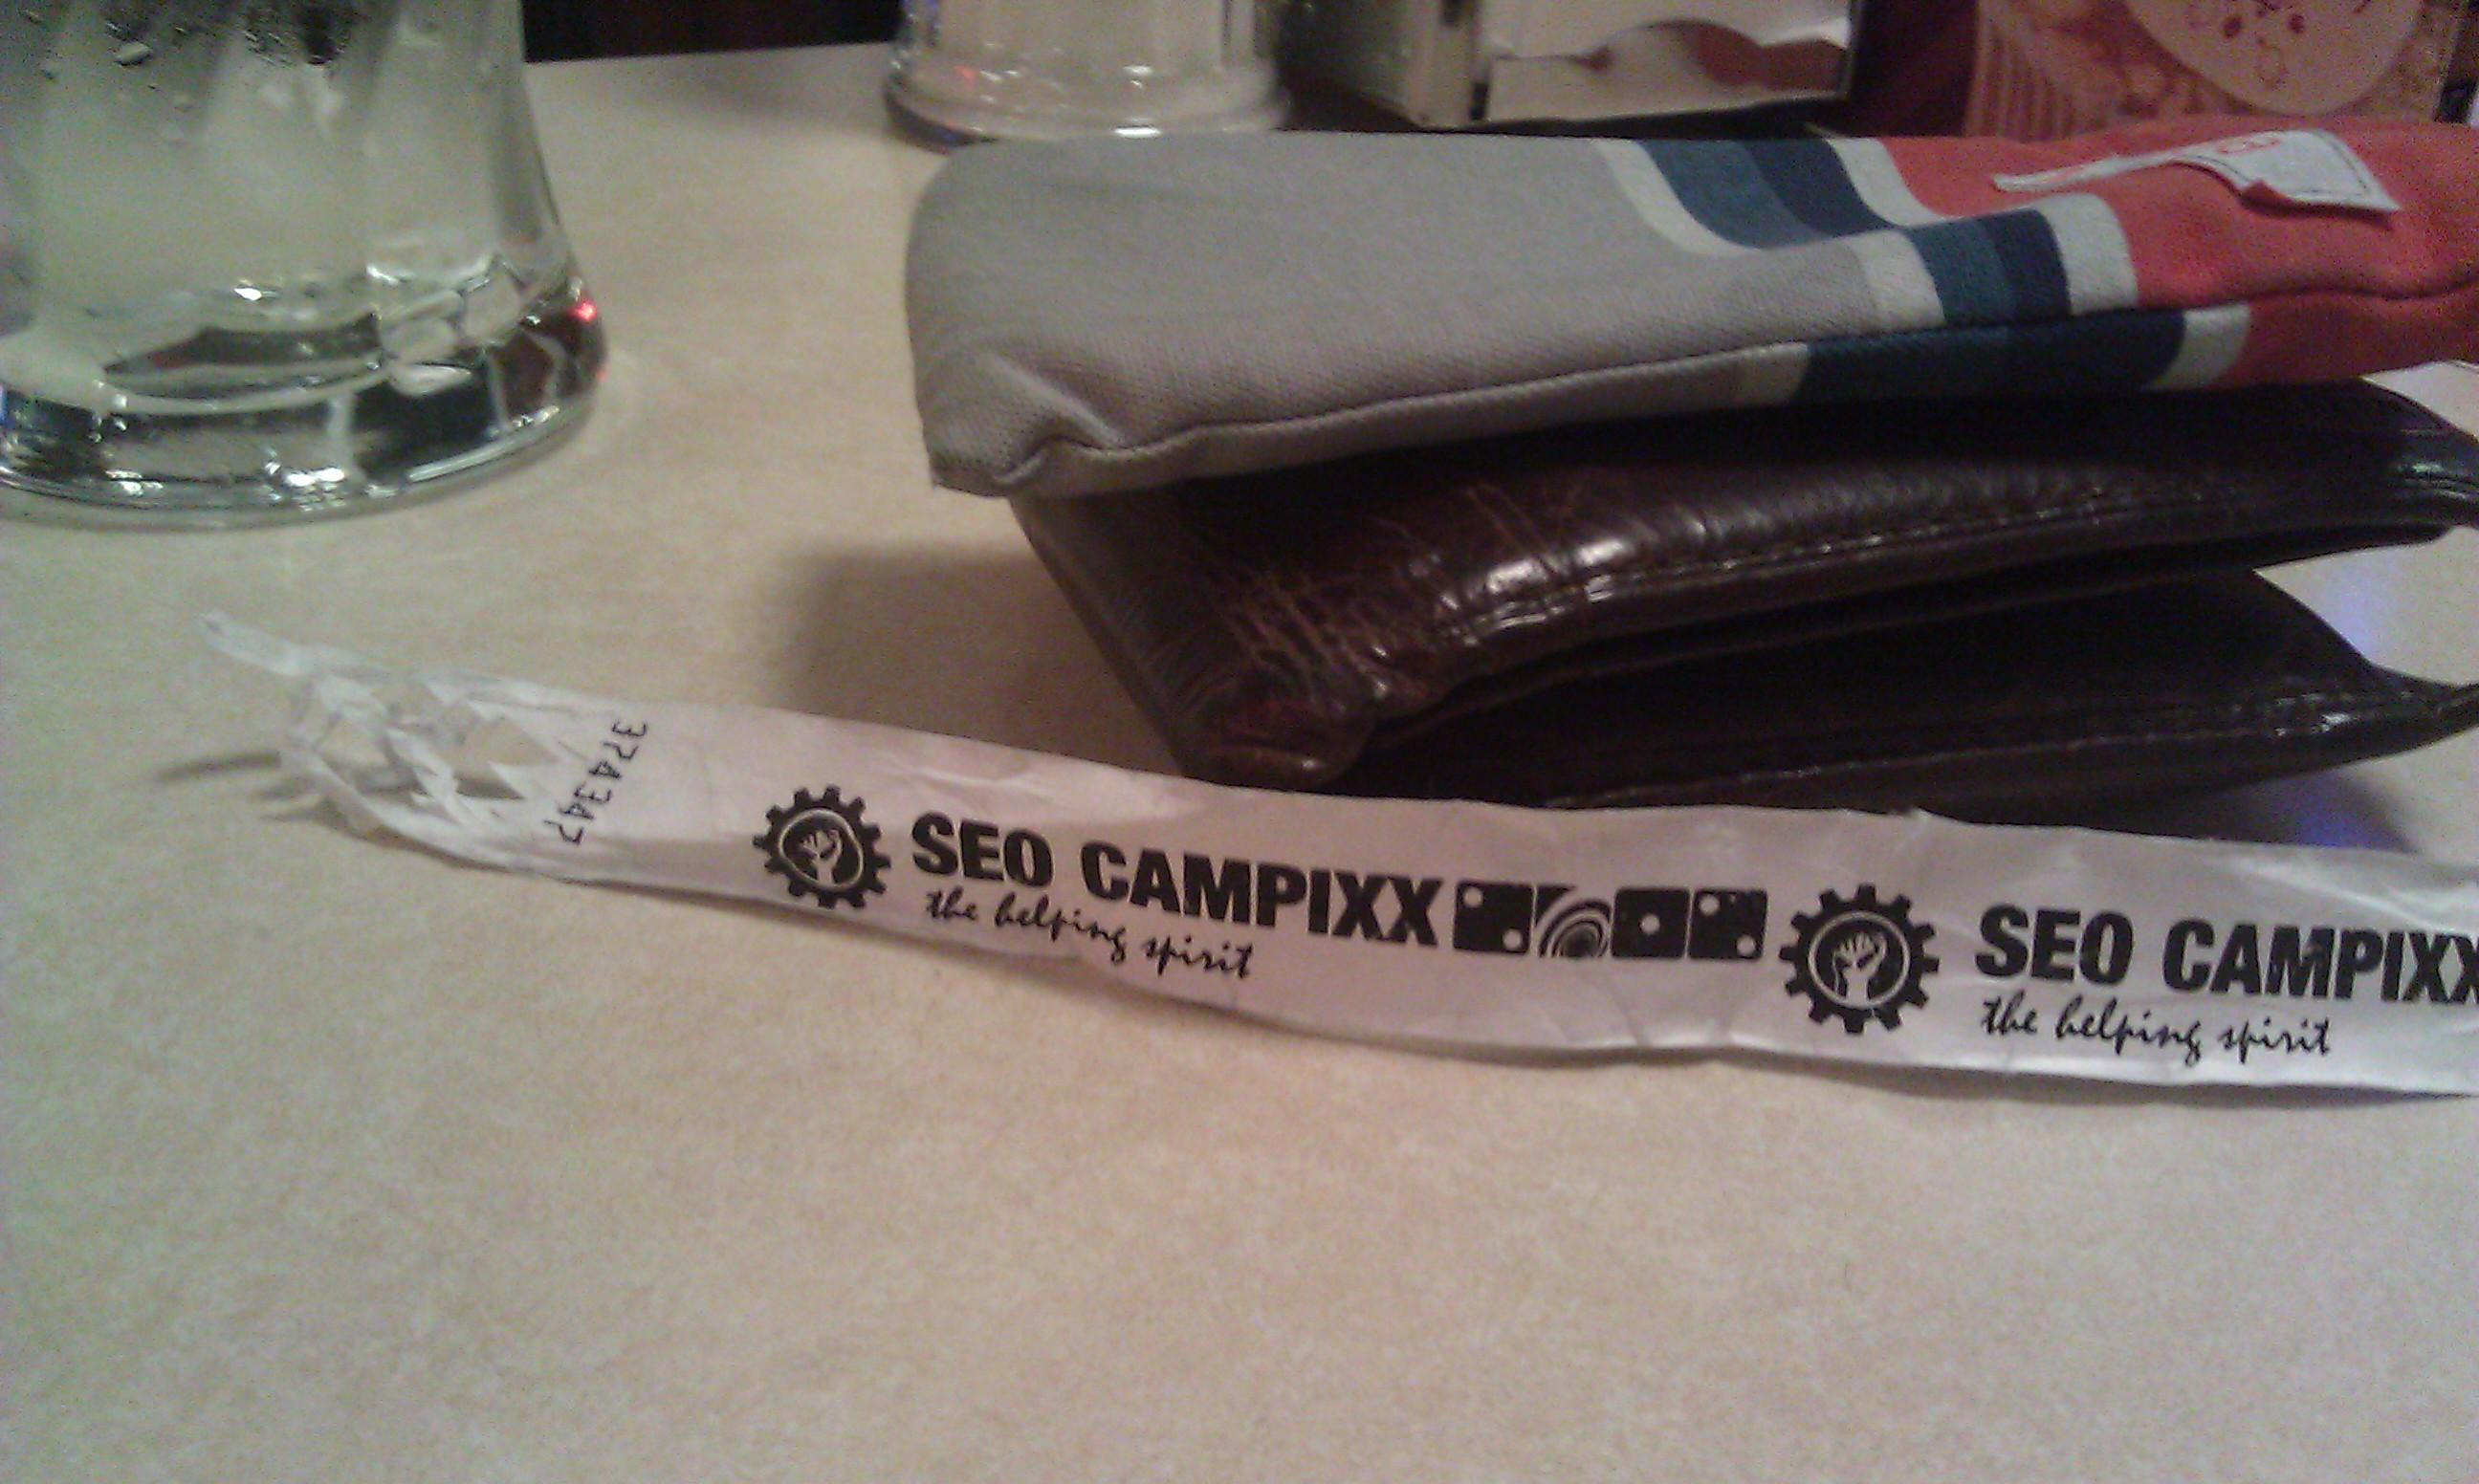 SEO Campixx Recap